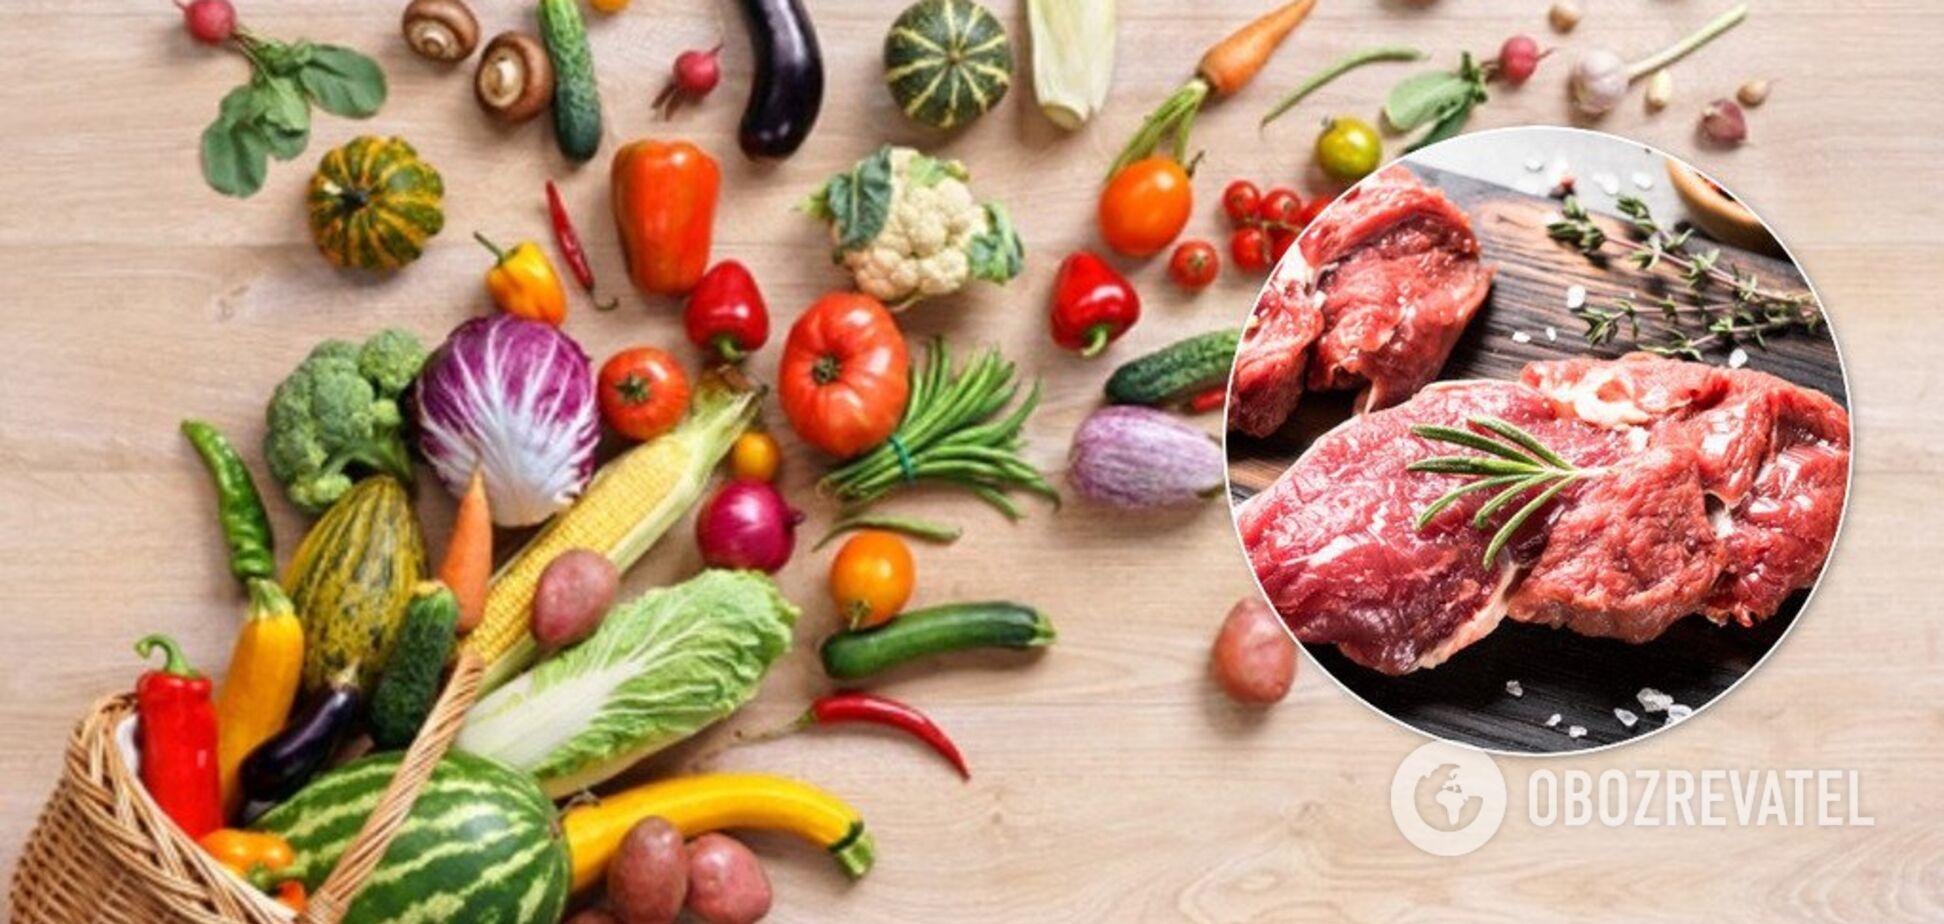 Дієтологиня розвіяла головний міф про вегетаріанство